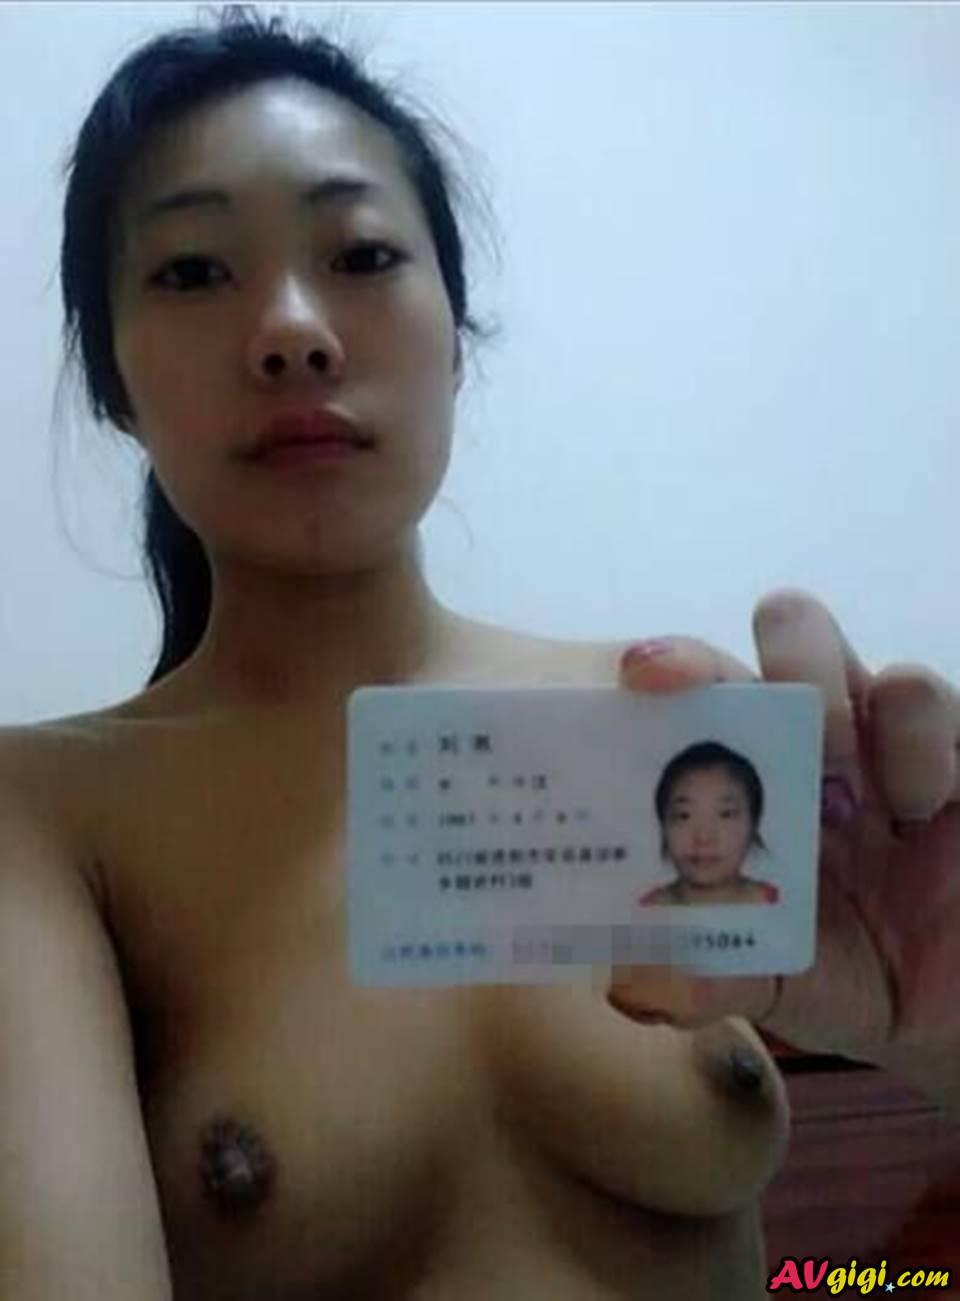 【エロ注意】借金の担保に全裸写真を撮られた女のオッパイwww巨乳から貧乳まで様々やなwwwwwwwww・17枚目